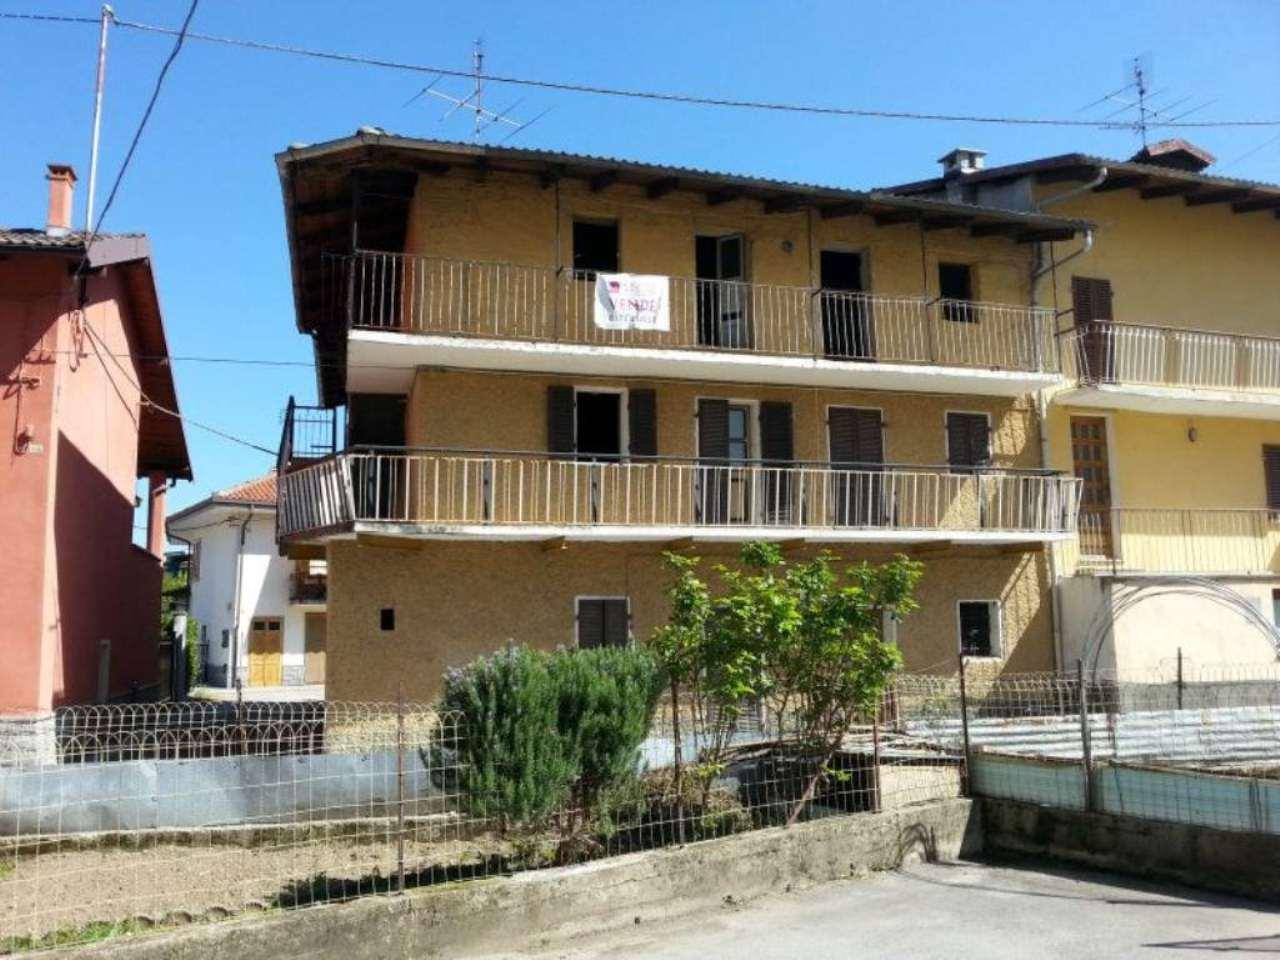 Rustico / Casale in vendita a Cuneo, 4 locali, prezzo € 65.000 | Cambio Casa.it